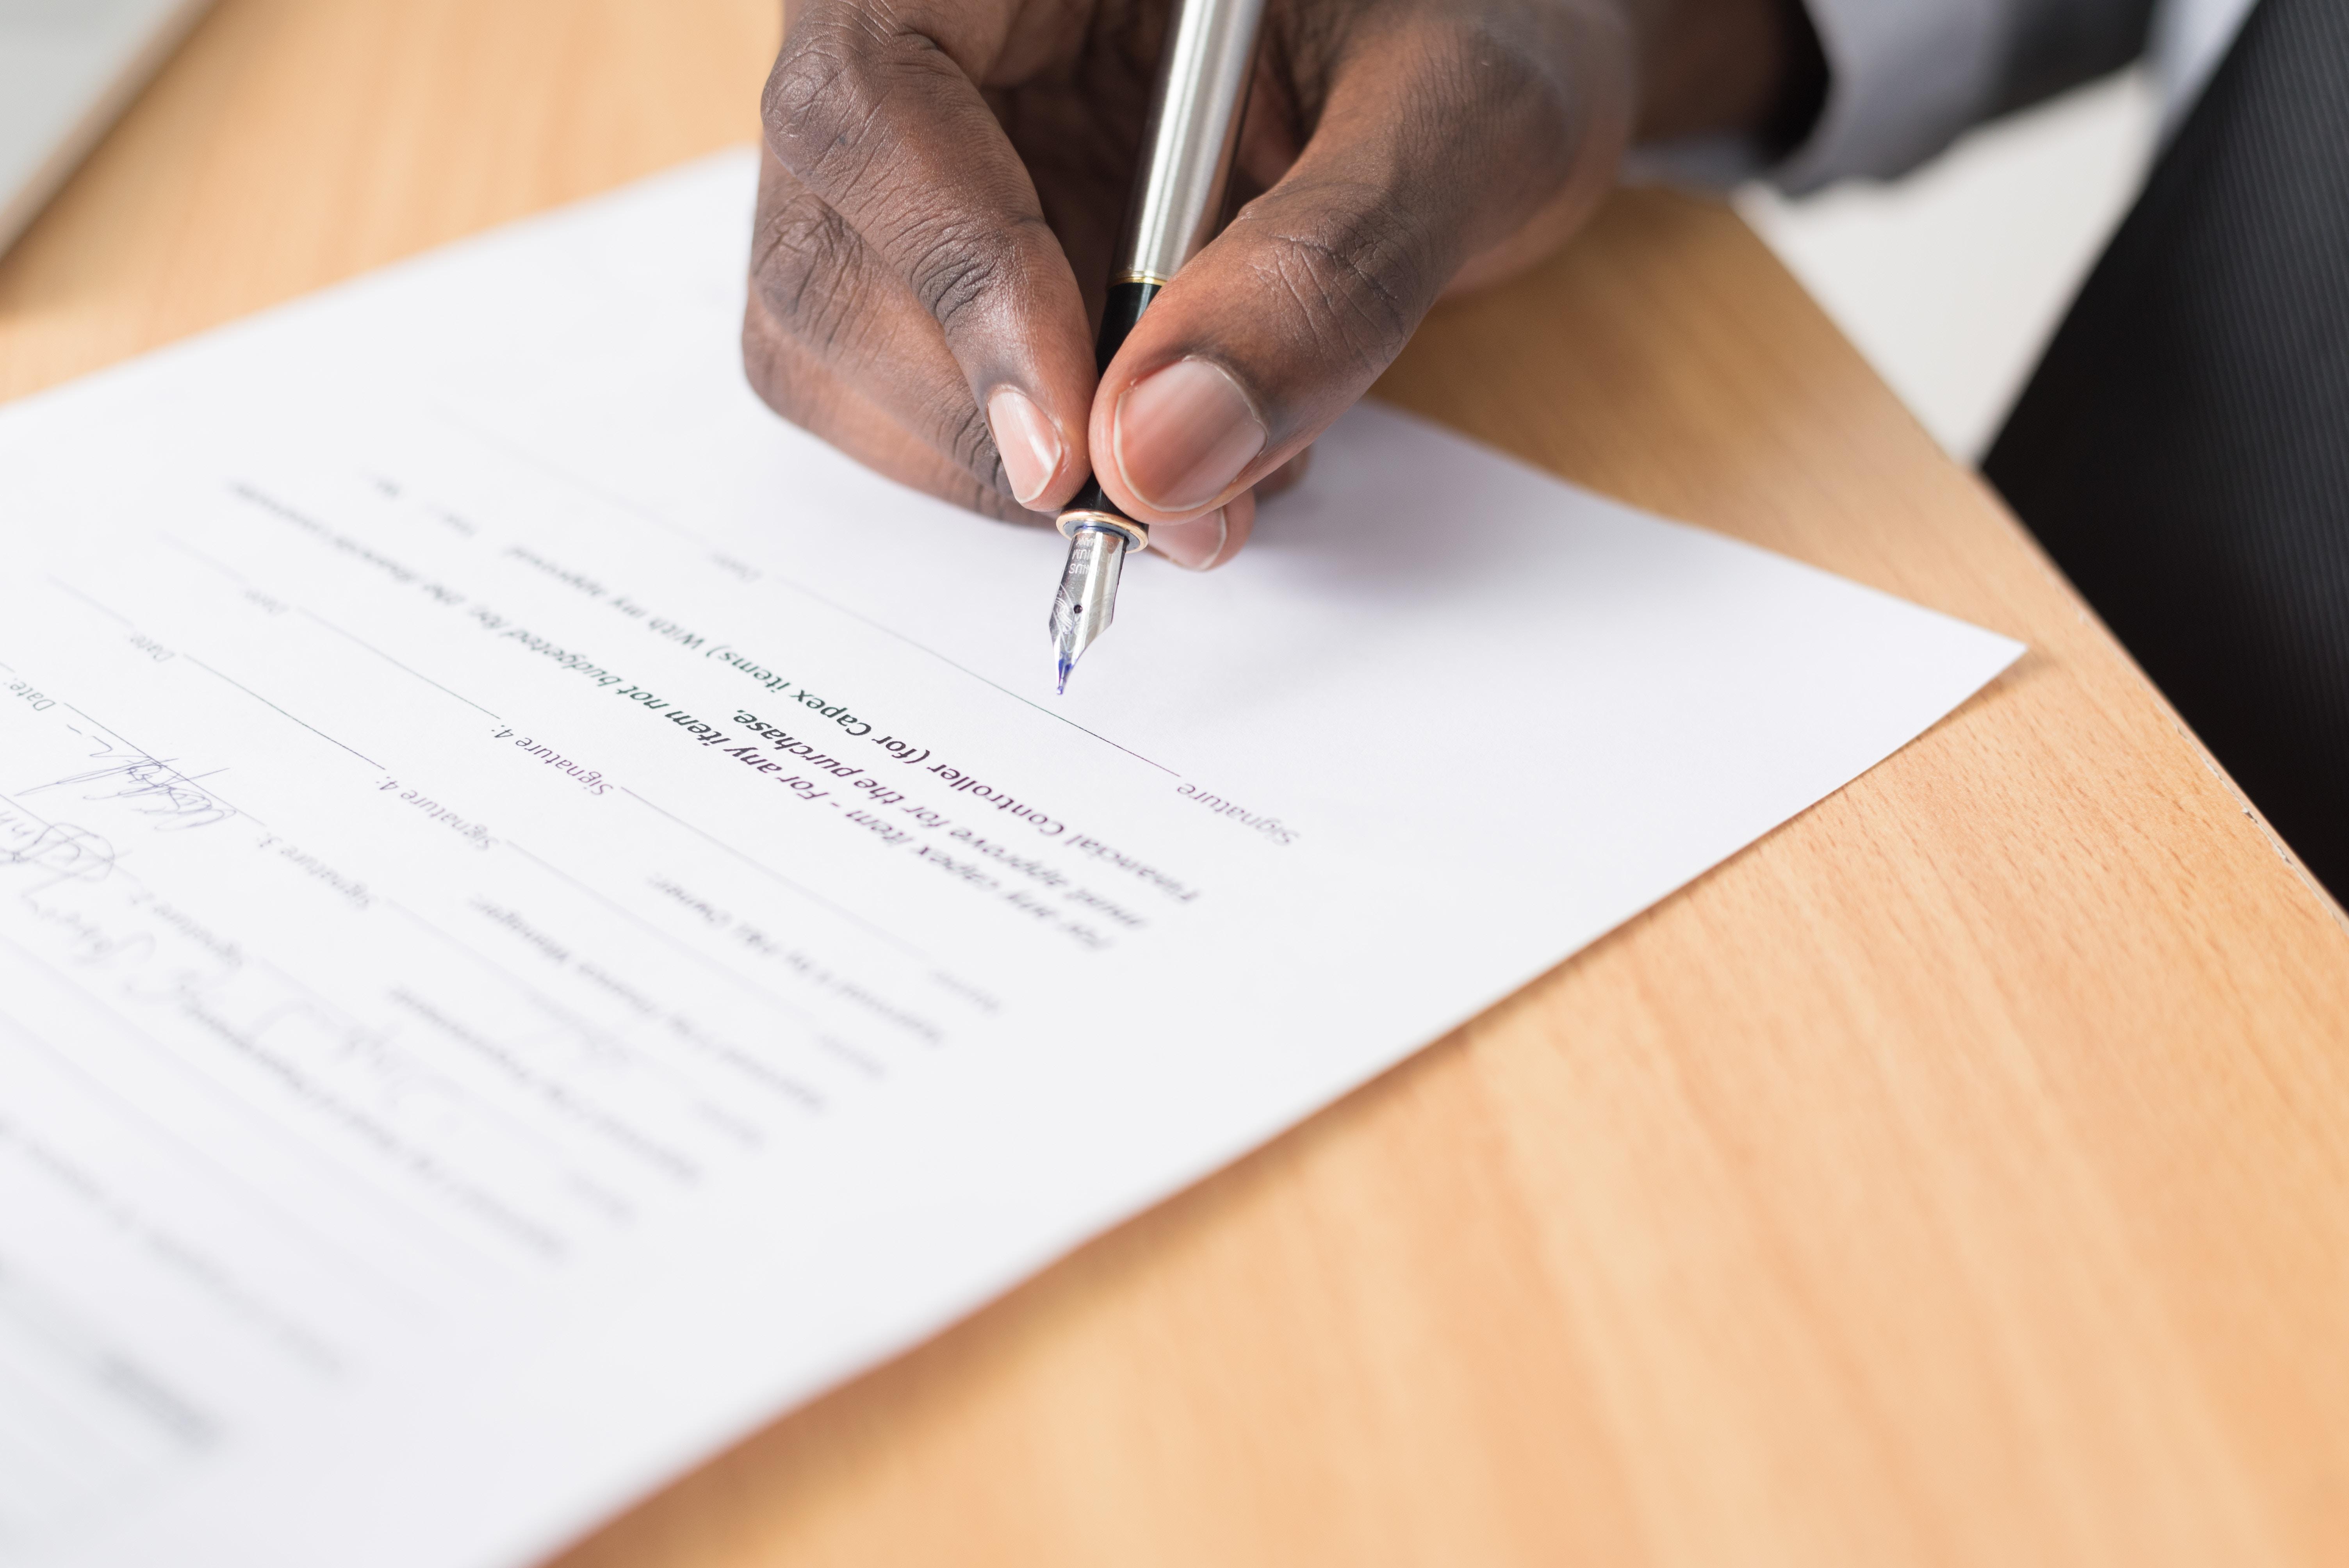 Homme qui signe un contrat